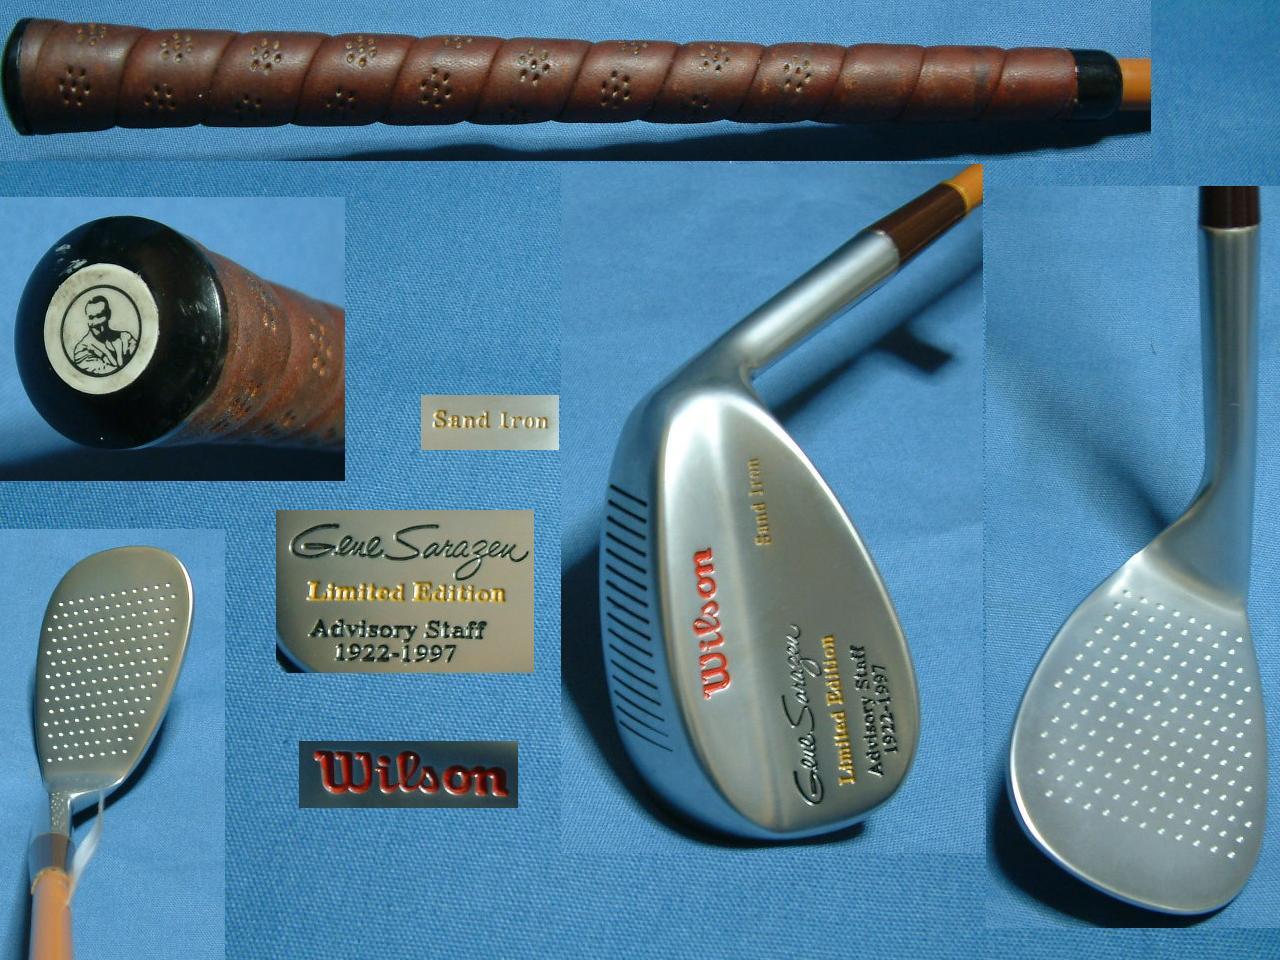 ブランド品 Gene Sarazen Sand Iron 1922-1997 Wilson Limited サンドアイアン サラゼン 激安通販販売 Edition デットストック在庫分限り ジーン 限定